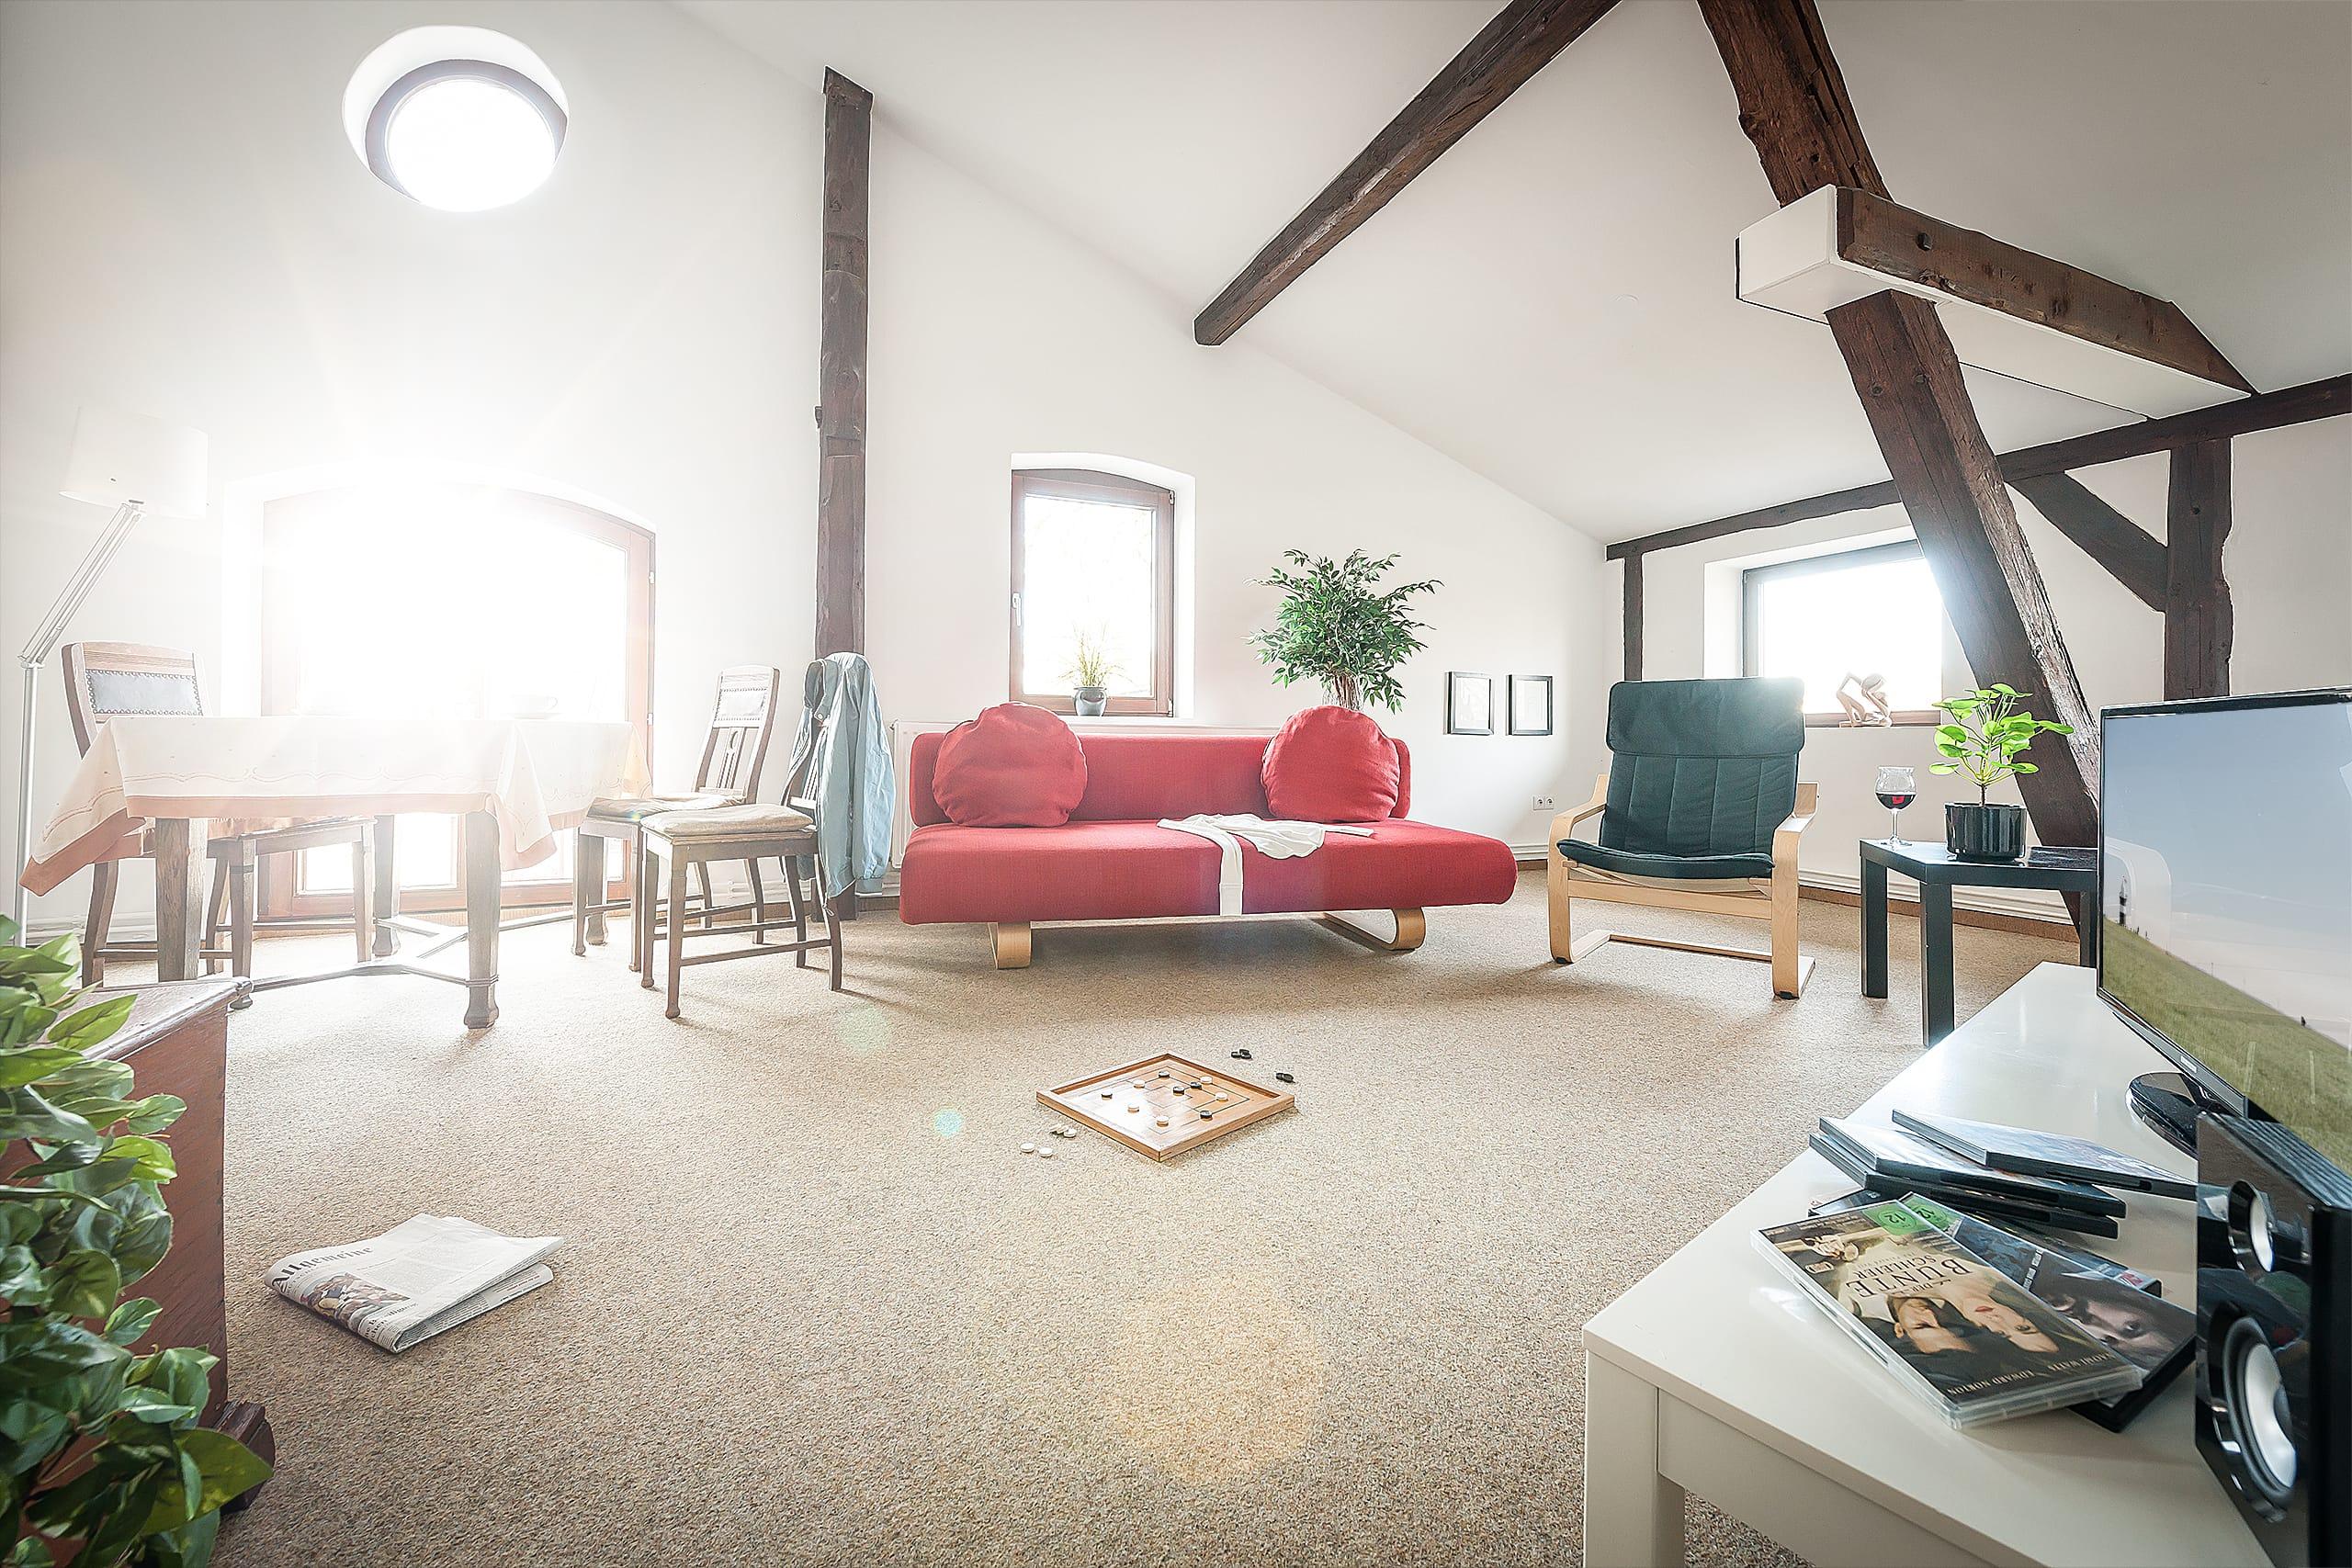 Bennos-Scheune-Magazin-Wohnzimmer